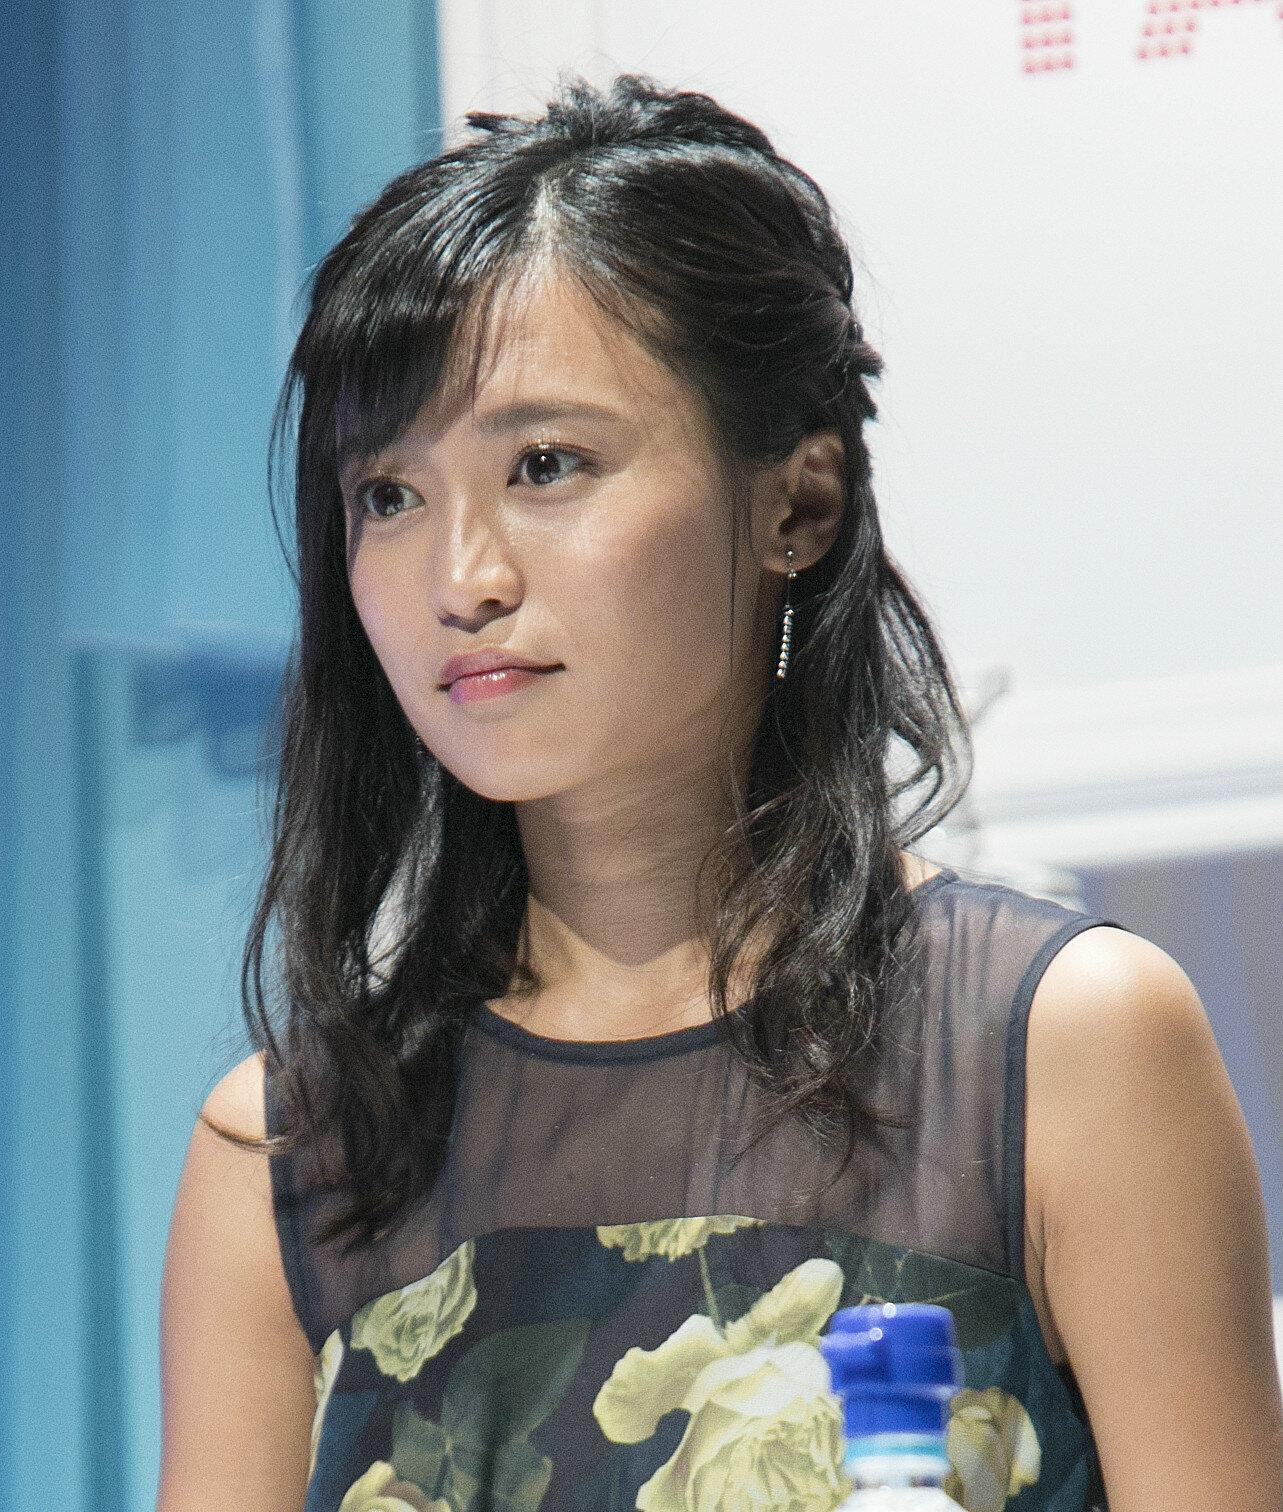 「第42回ホリプロタレントスカウトキャラバン決選大会」で司会を務める、タレントの小島瑠璃子さん